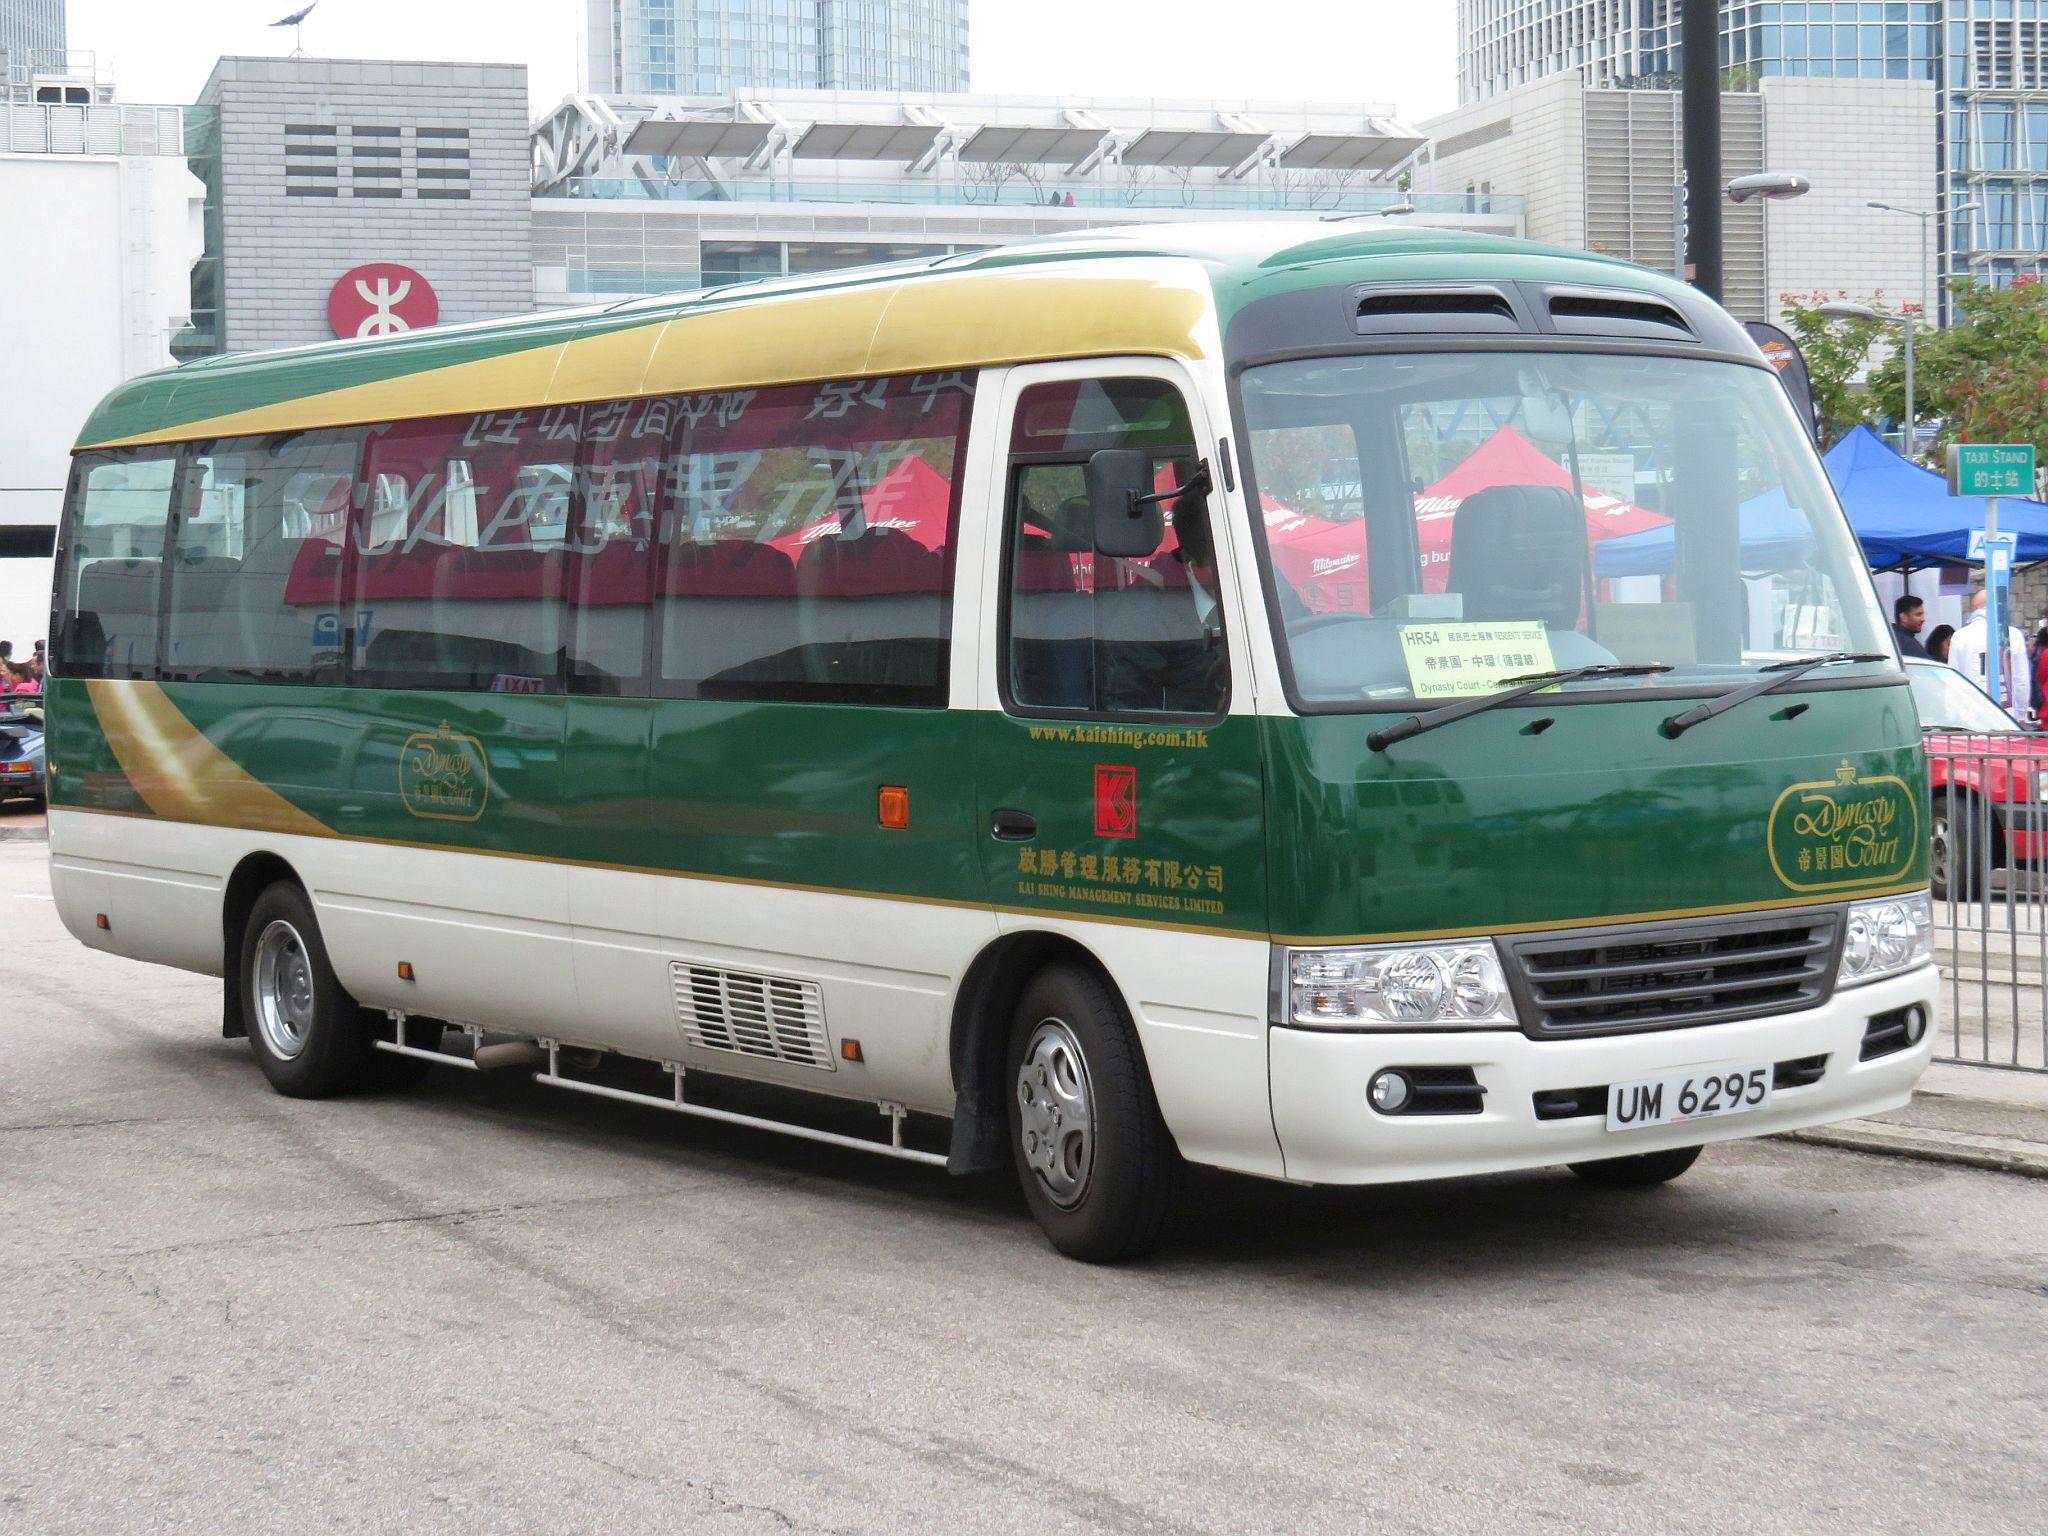 居民巴士HR54線